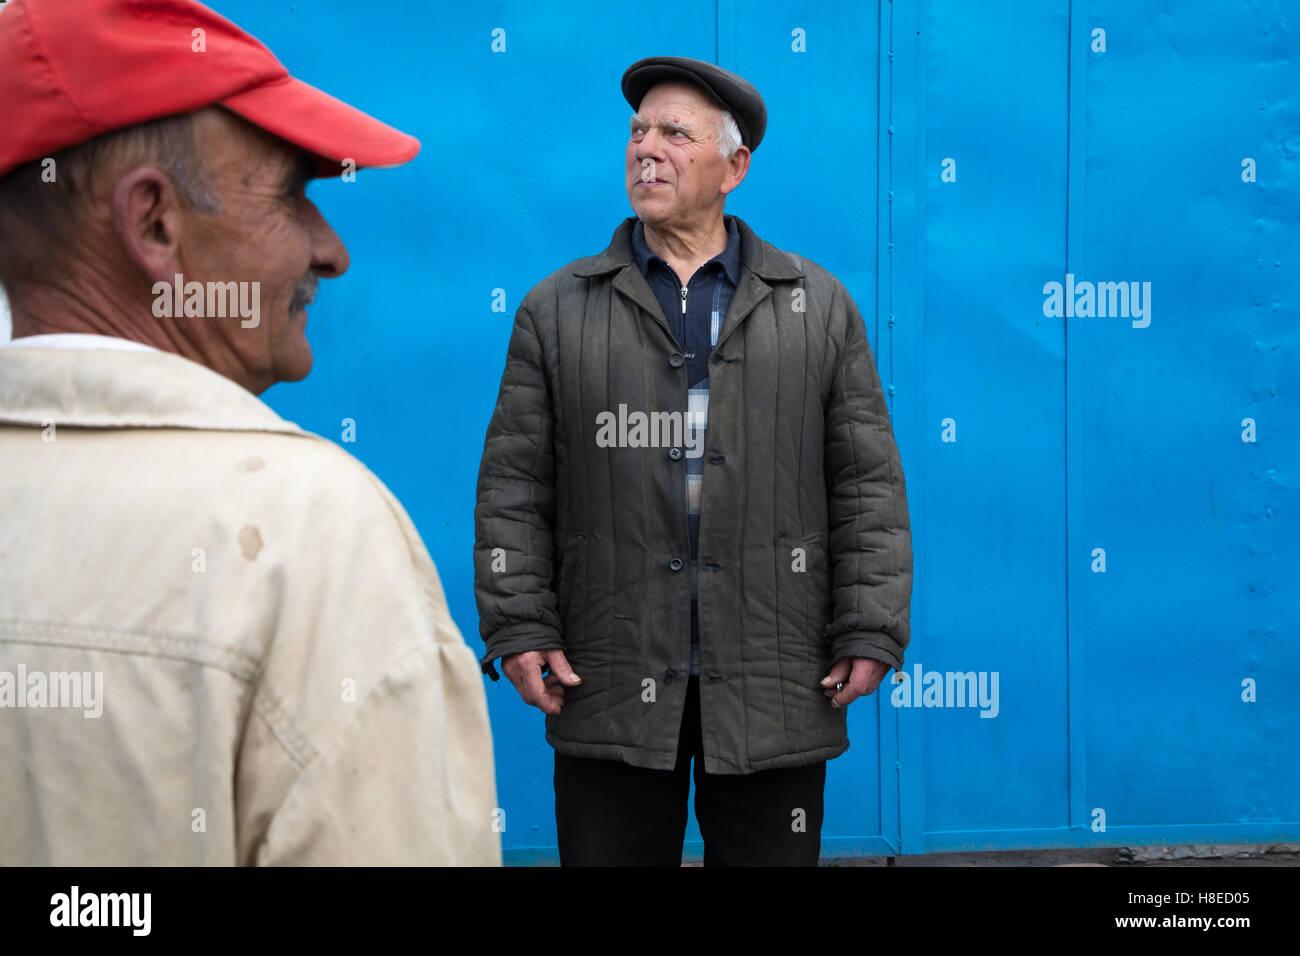 Kyrgyzstan - gli uomini che vivono nel villaggio di Tamga - Persone di viaggio in Asia centrale Immagini Stock